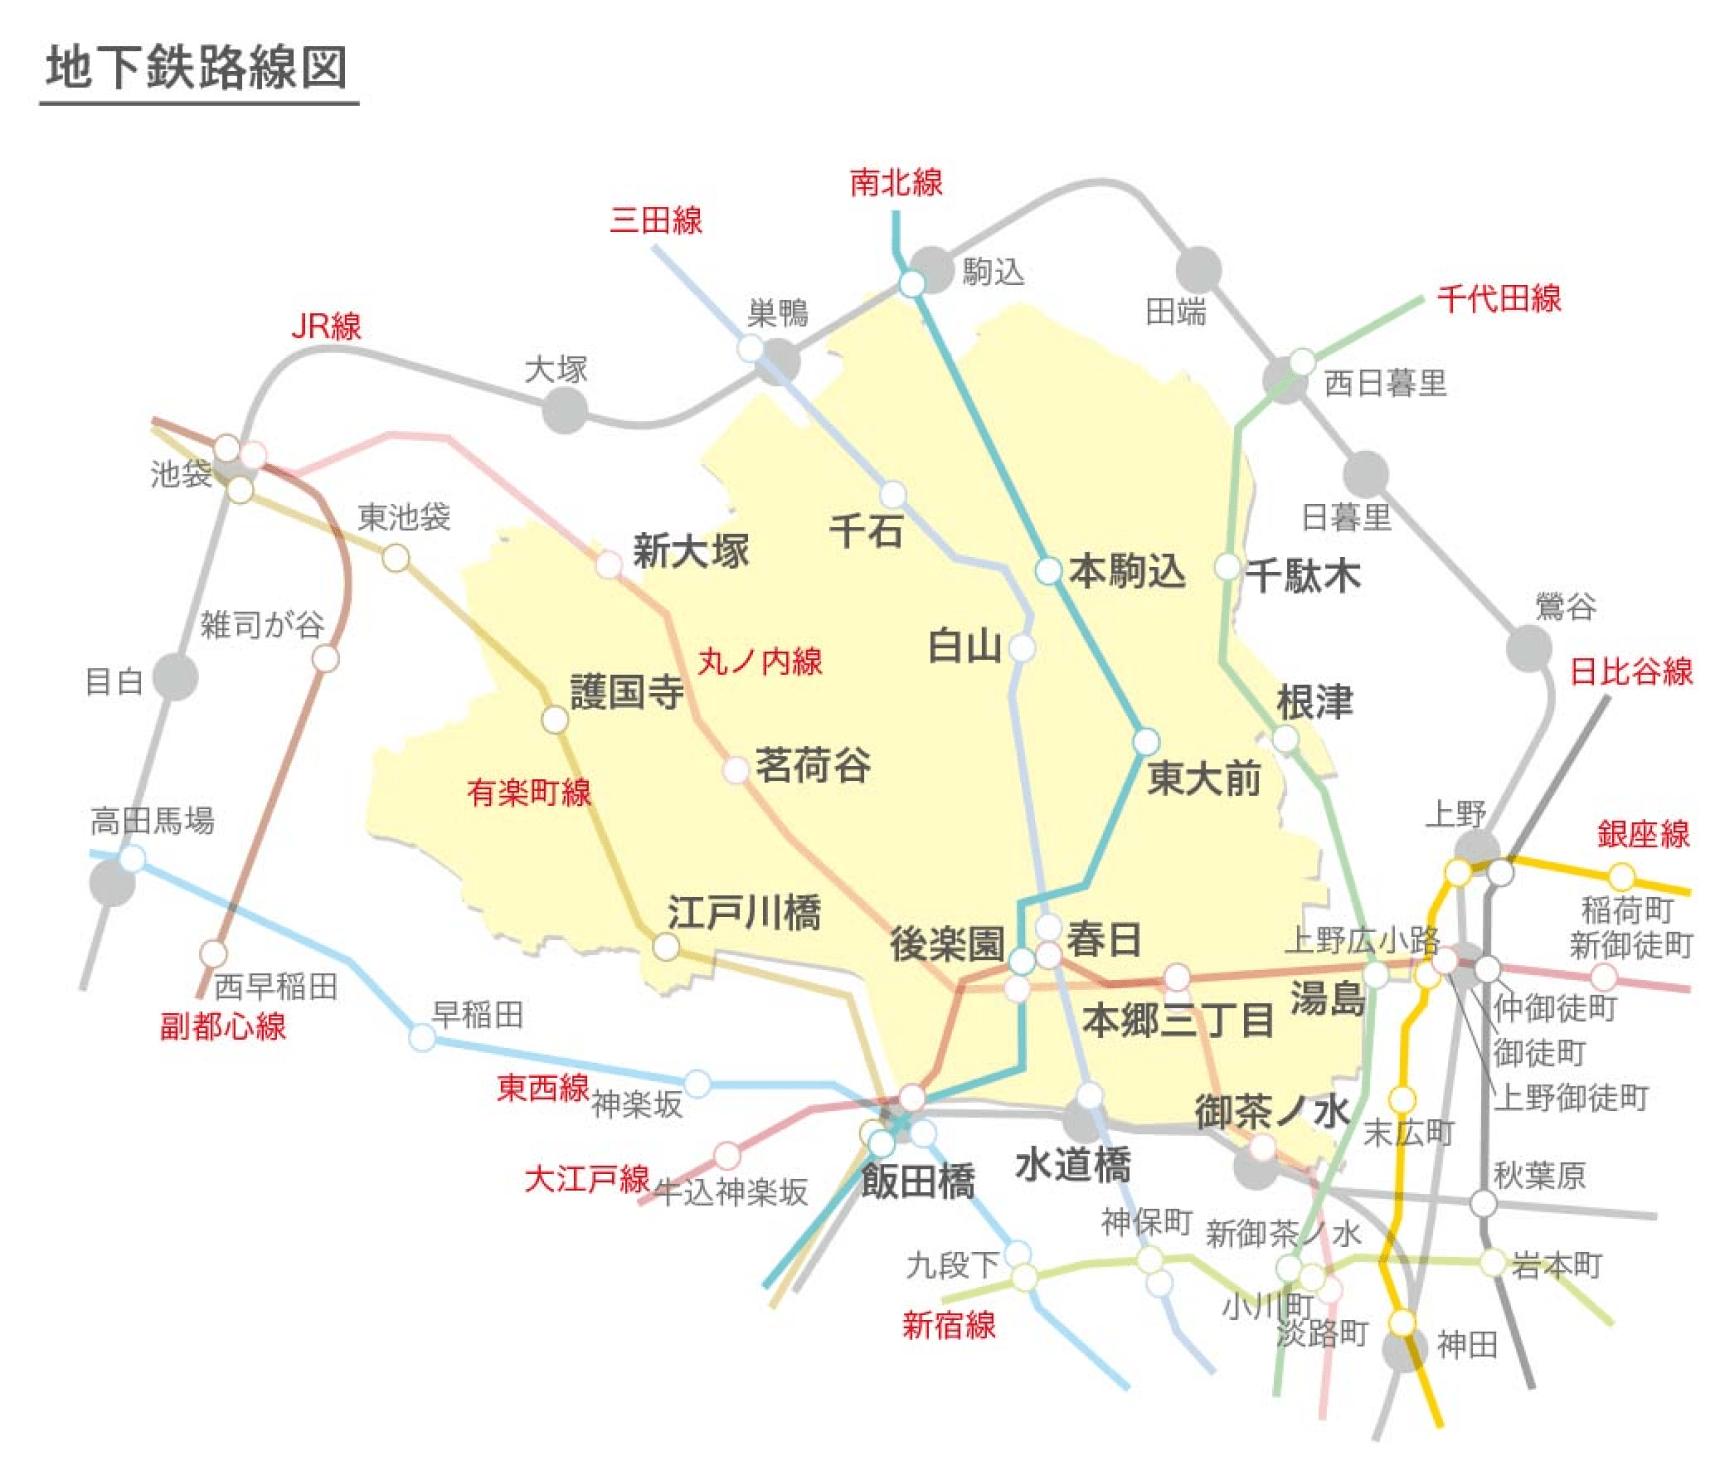 地下鉄路線図:文京区を中心に、地下鉄の路線や駅名が記載された図